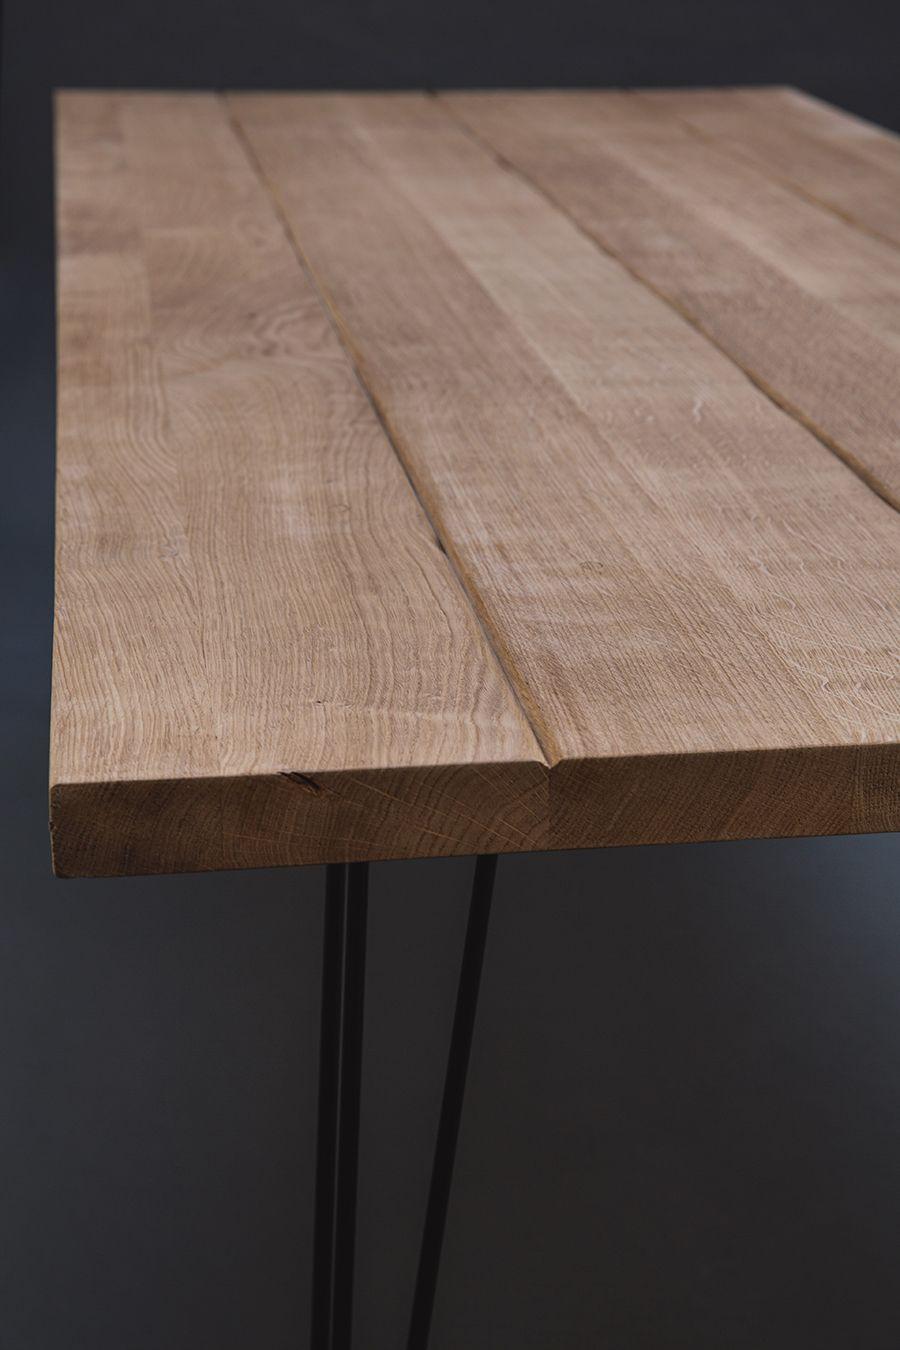 Magnifique Table En Chene Massif Avec Un Effet Vieille Planche De Ferme Chacune De Ces Planches Sont Tr Table Chene Massif Salle A Manger Bois Table En Chene